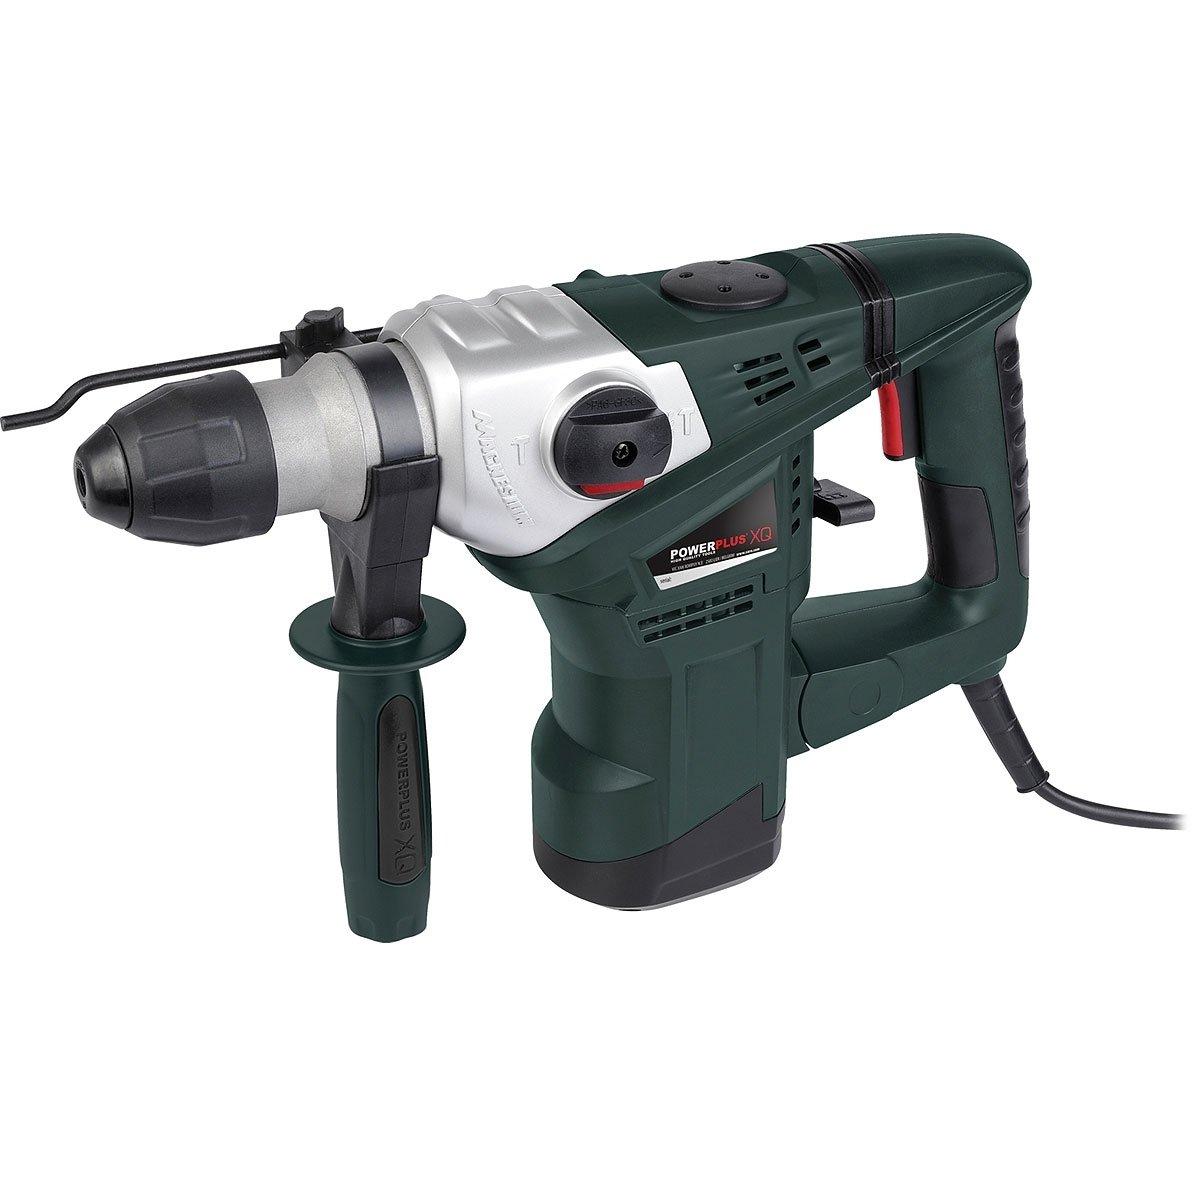 AbbruchMeisselhammer Stemmhammer 1500 W  POW XQ 5223  BaumarktKundenbewertung und weitere Informationen